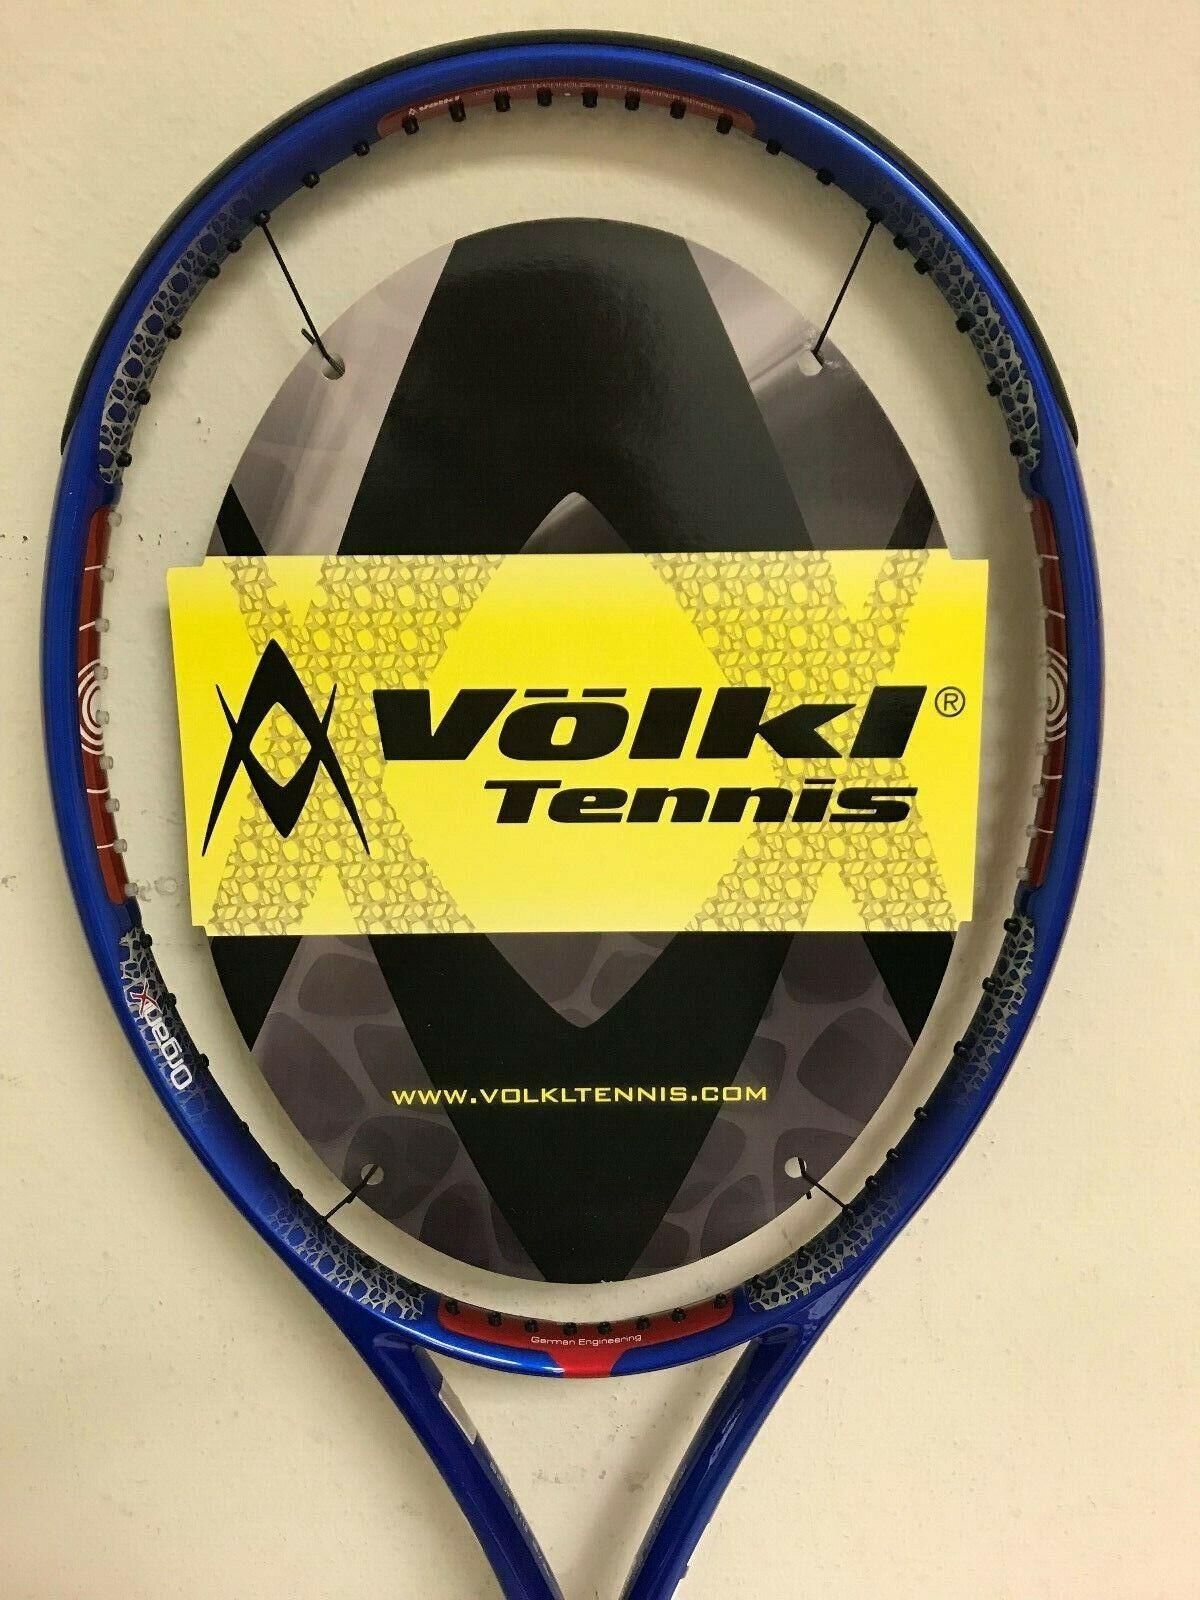 Volkl Organix 5 Tenis Raqueta Agarre Talla 4 1  4   ventas de salida